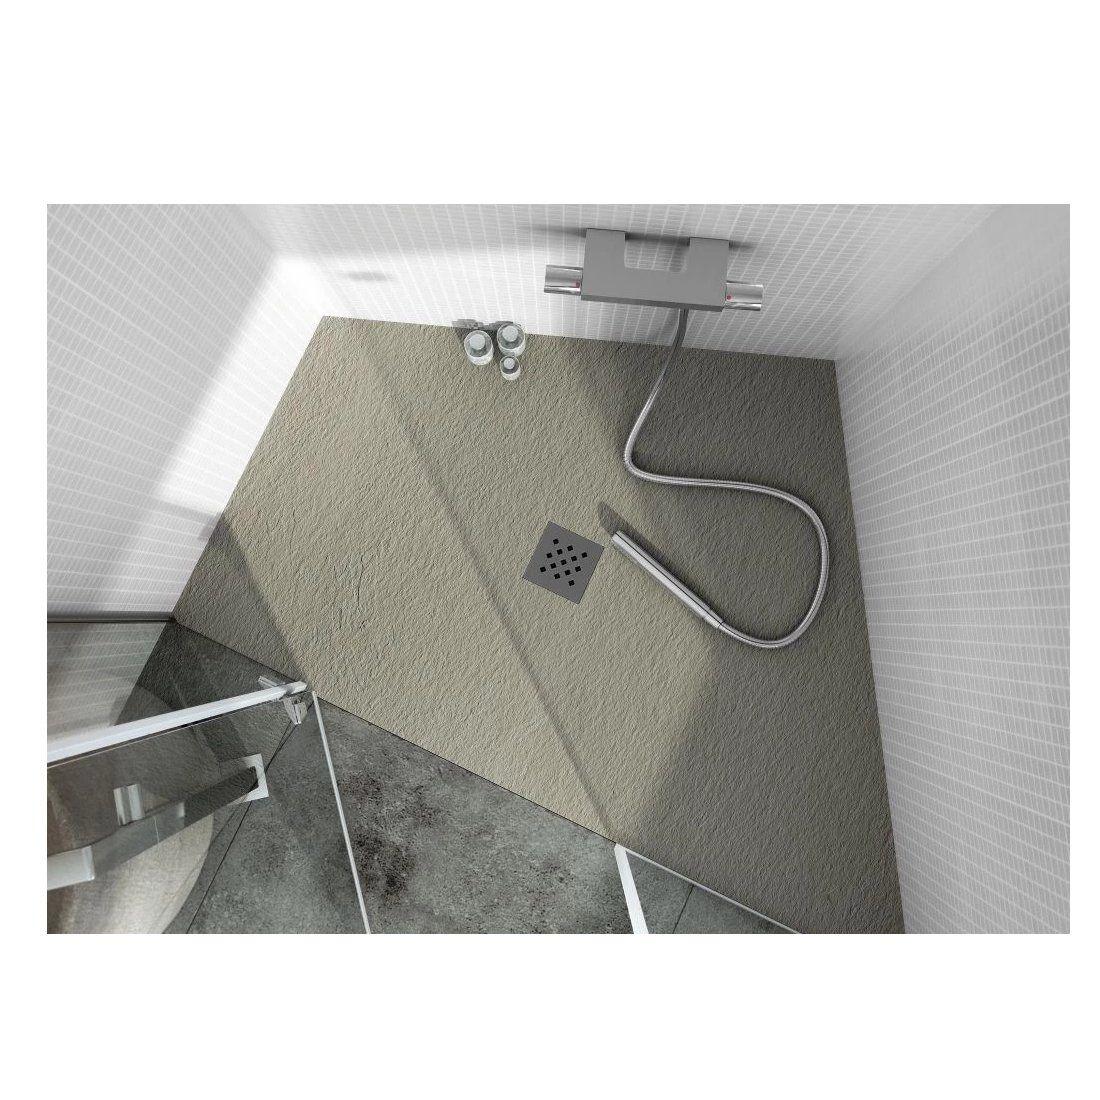 Platos de ducha: Productos y Servicios de Granitos Pérez